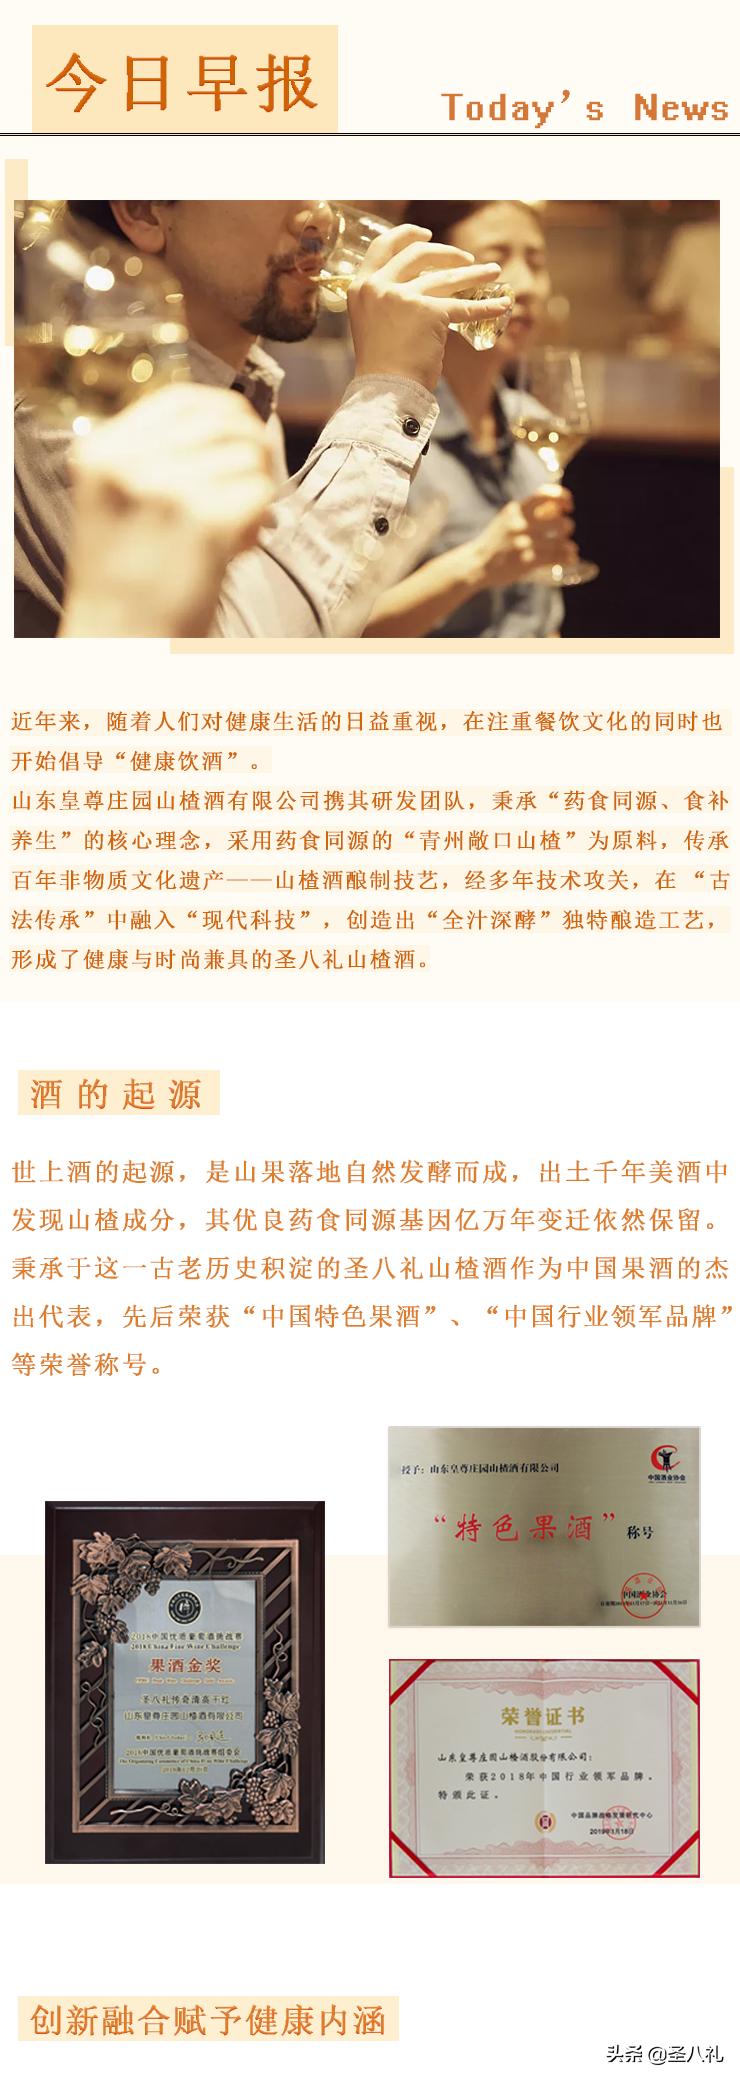 """创新成就健康新高度,""""圣八礼山楂酒""""赋予中国果酒新内涵"""